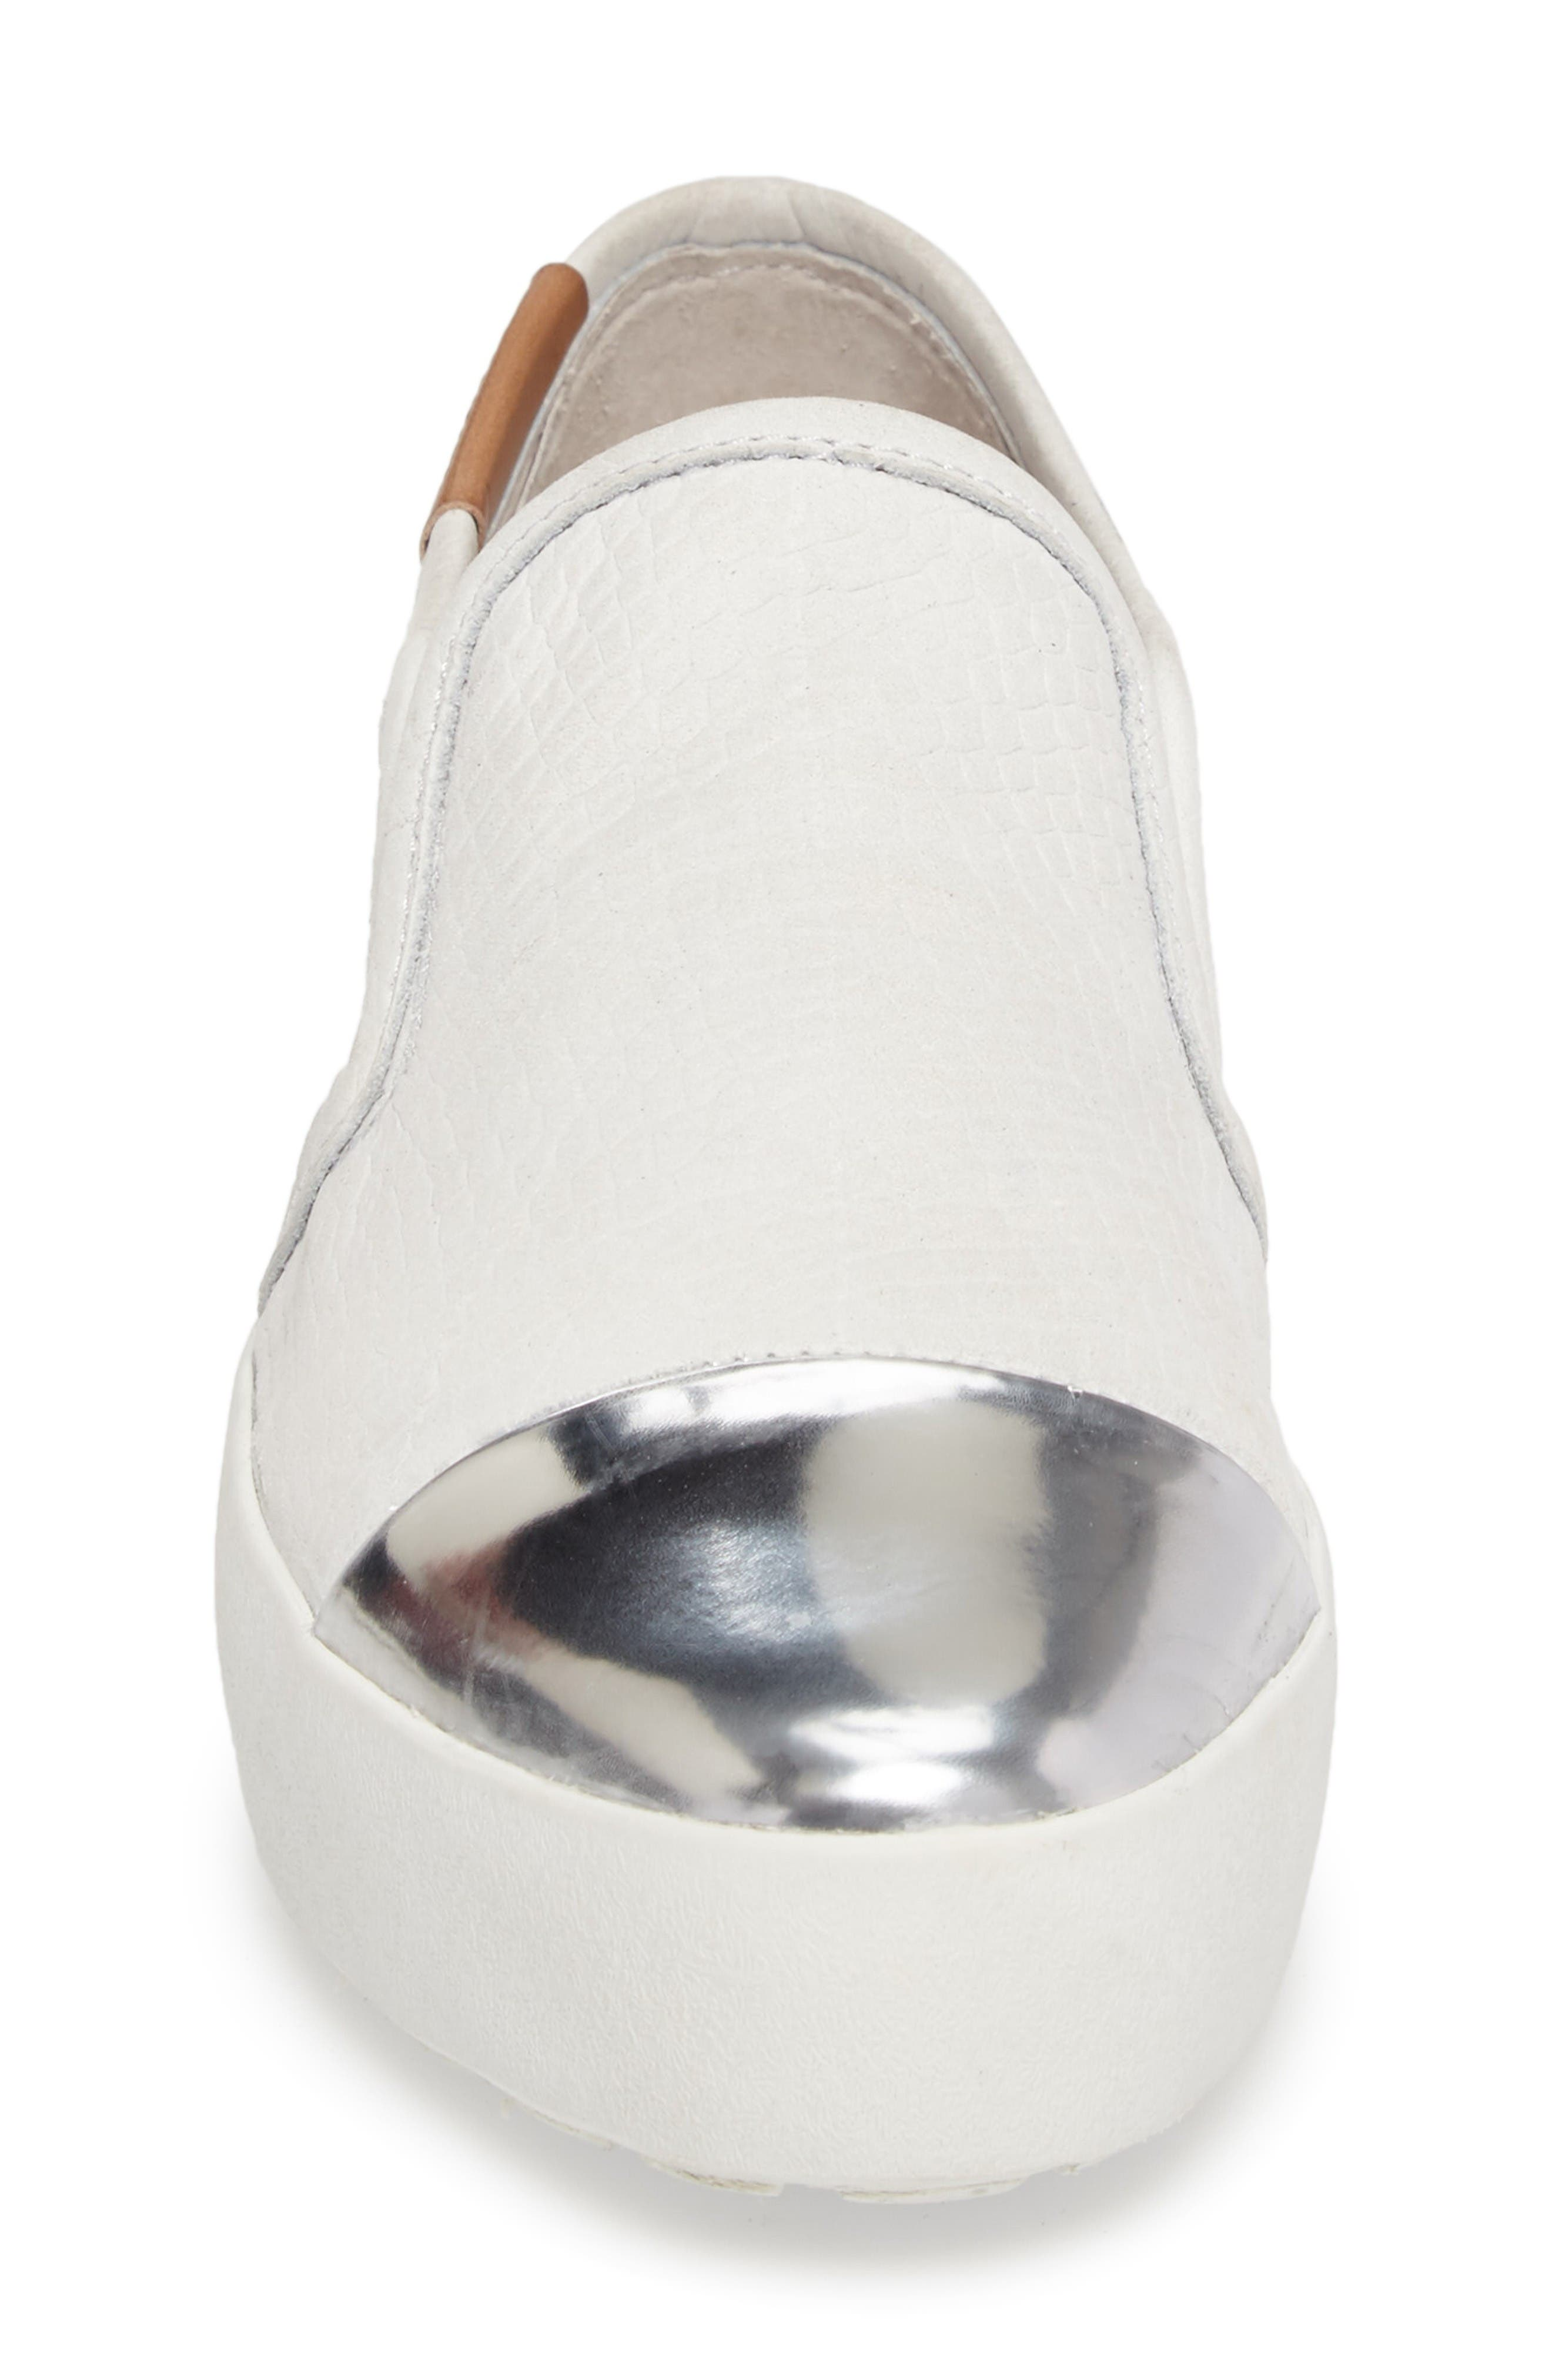 NL47 Slip-On Sneaker,                             Alternate thumbnail 4, color,                             White Nubuck